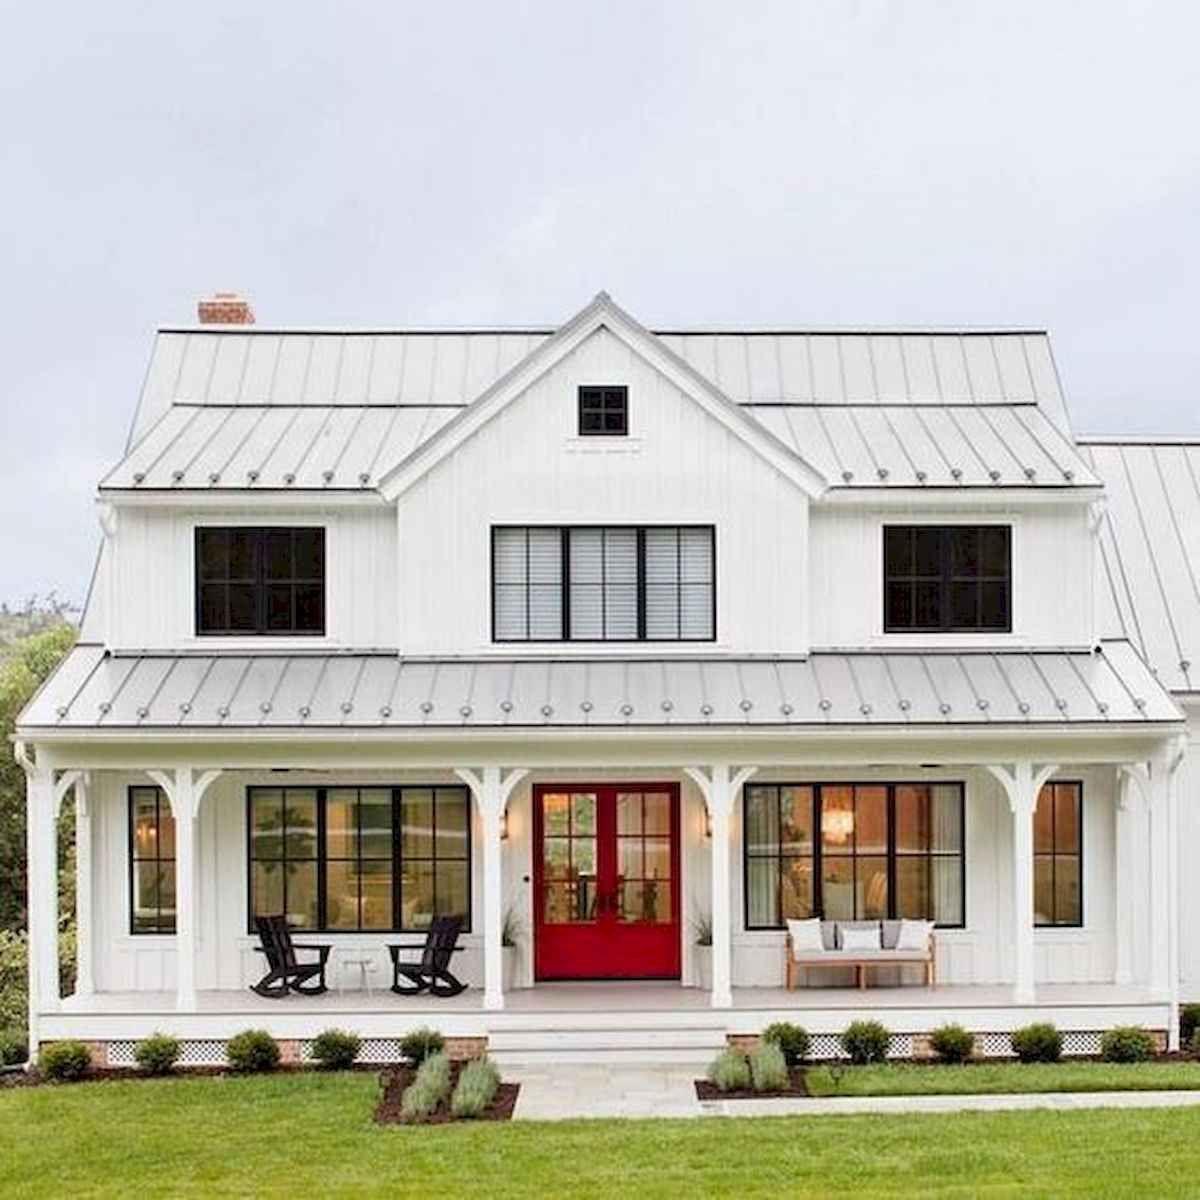 40 Stunning White Farmhouse Exterior Design Ideas 19 Modern Farmhouse Exterior Dream House Exterior House Exterior